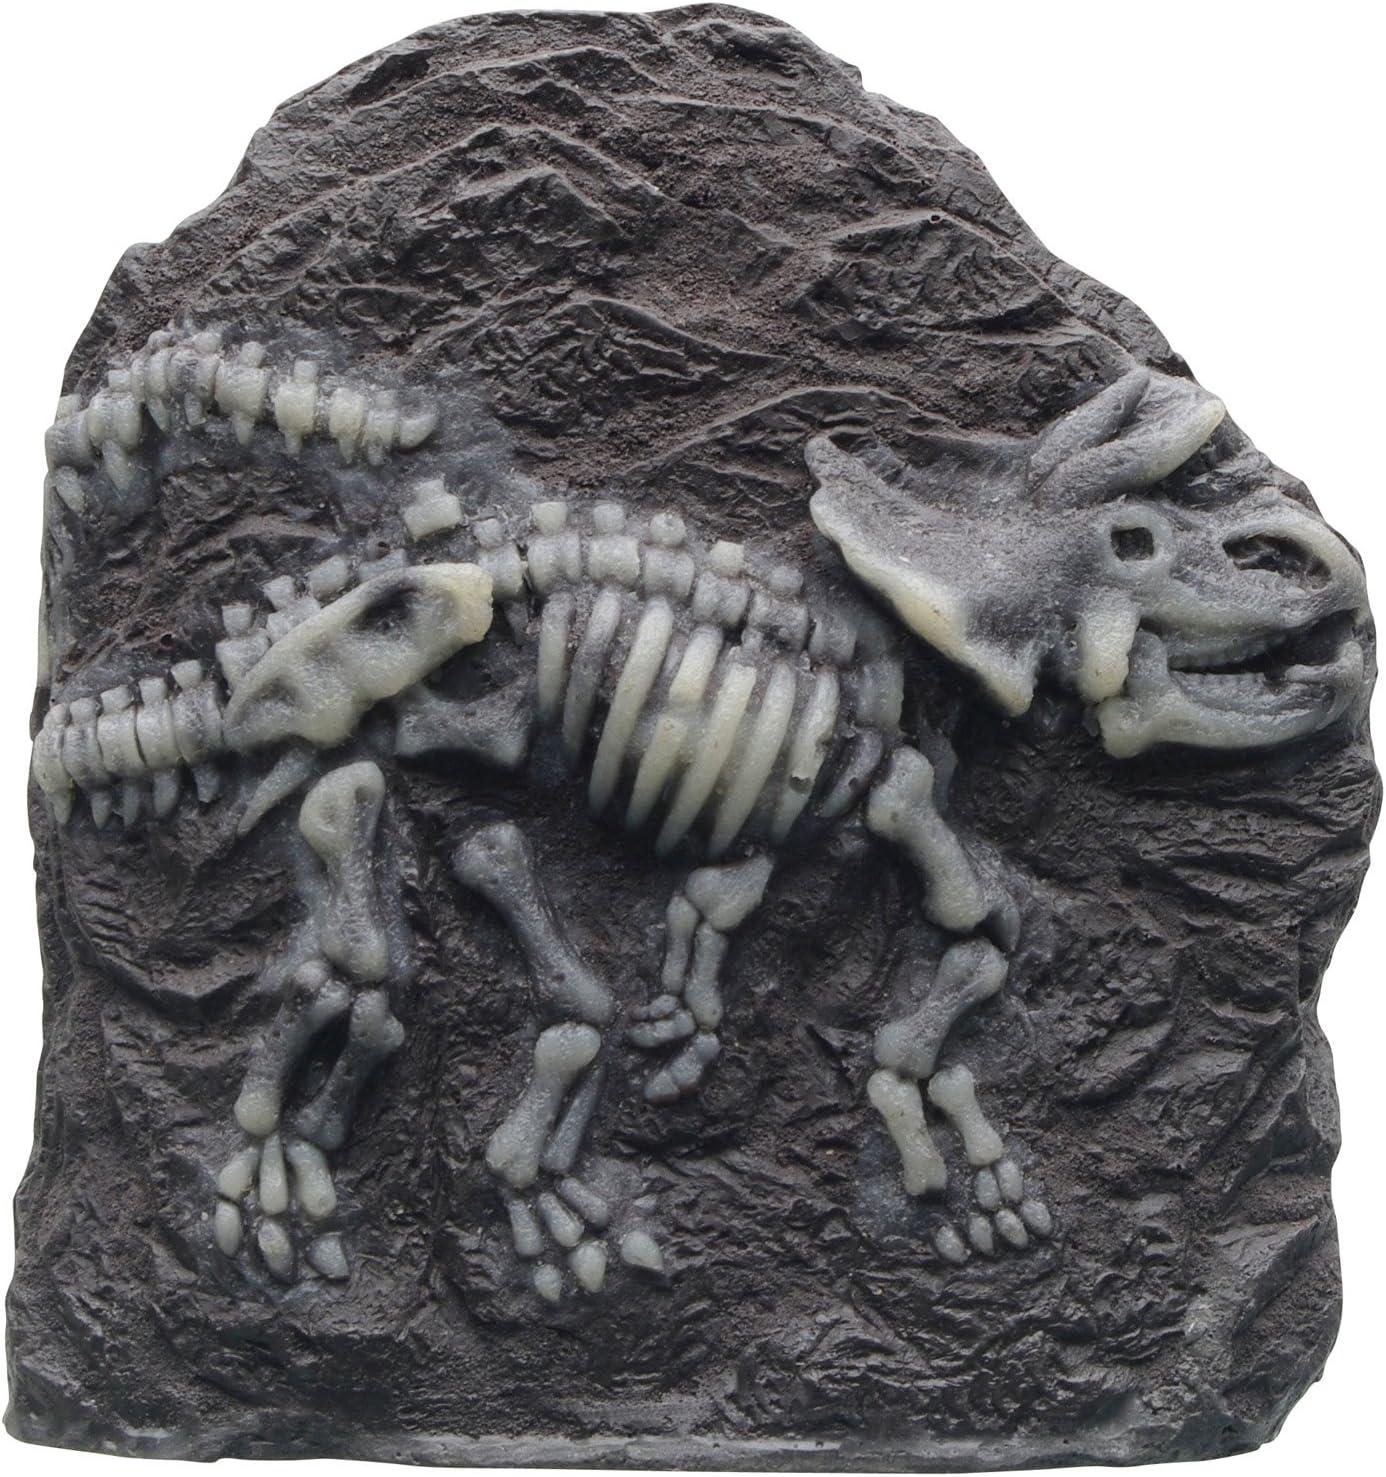 Marina Triceratops Fossil Ornament for Aquarium